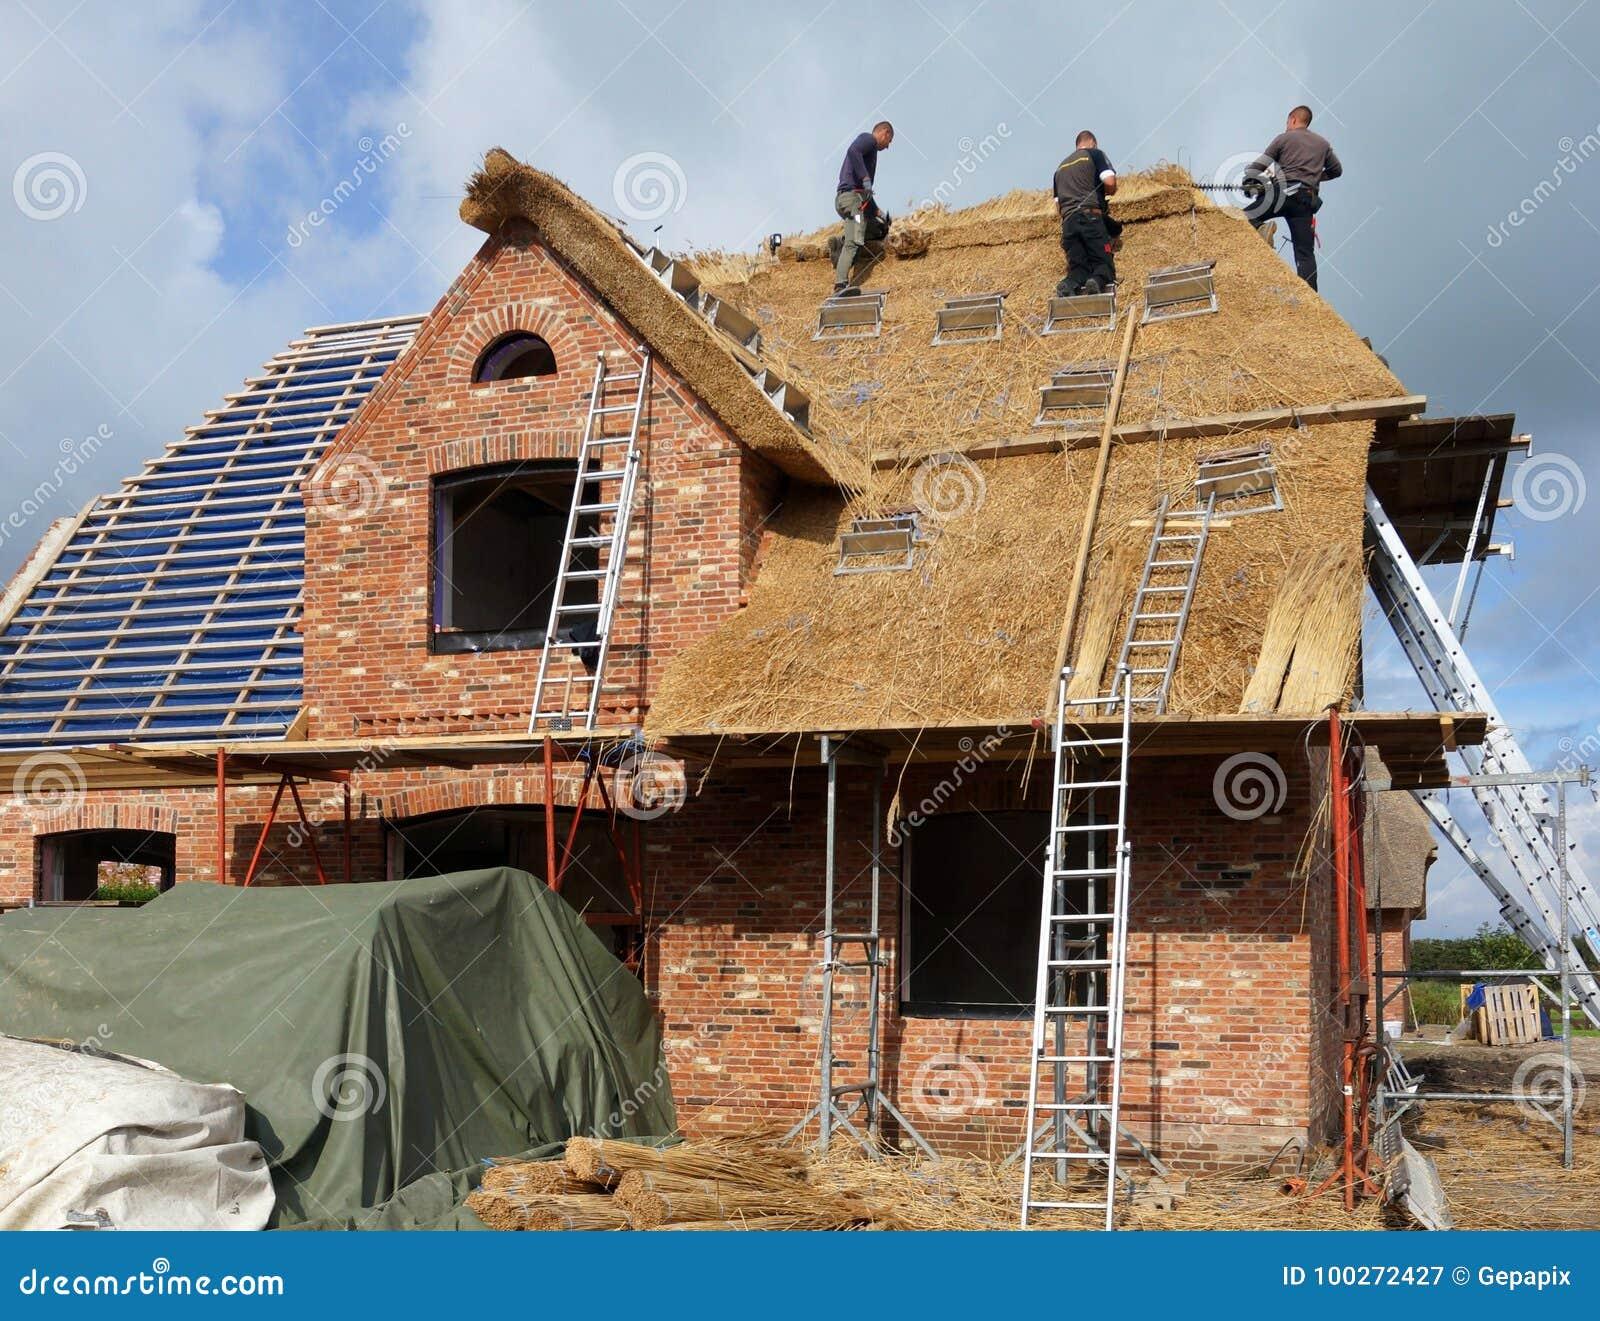 Couvrir Un Toit couvrir un toit de chaume sur l'île de foehr photographie éditorial